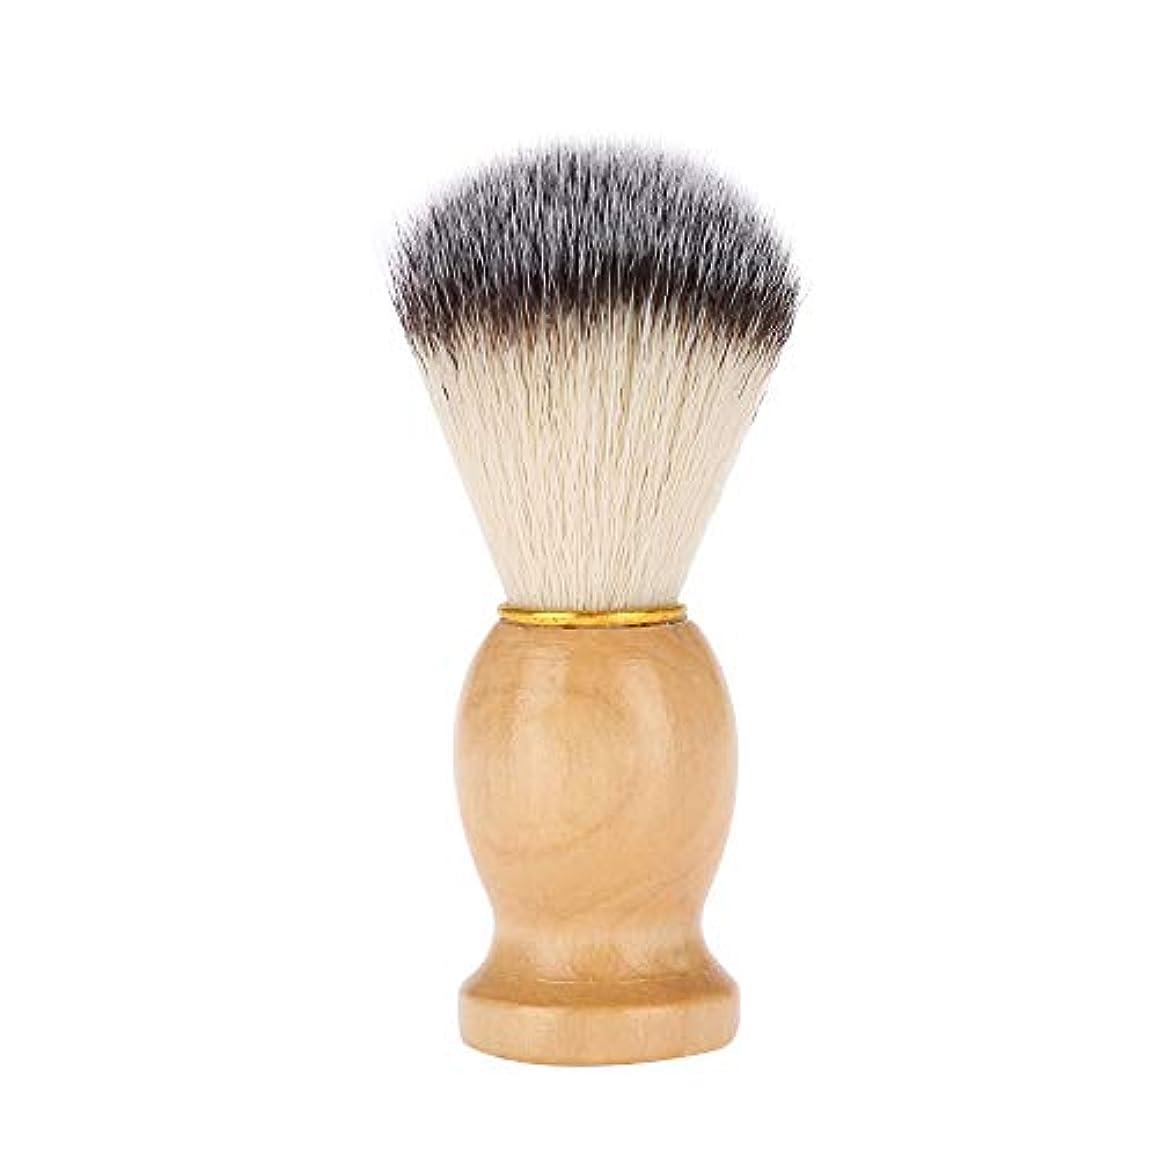 無数の批判的に臨検シェービングブラシ 髭剃りブラシ 木製ハンドル+繊維毛 泡立て ひげ剃りツール メンズ理容ブラシ